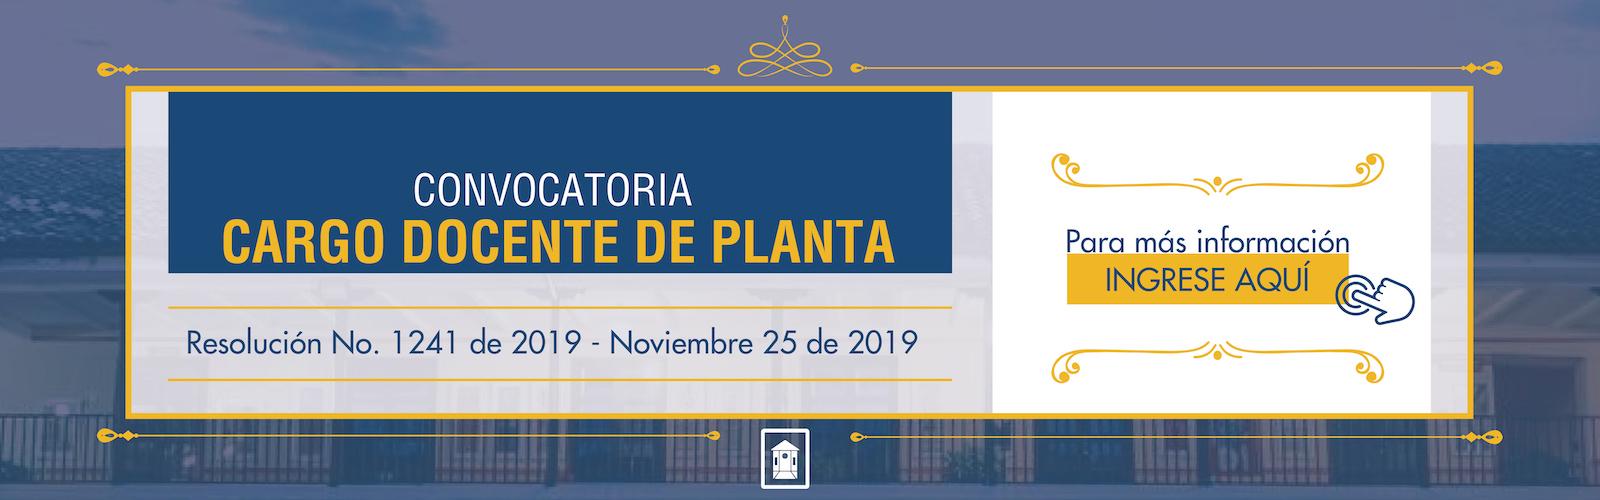 Banner_convoca_Docente2p_2019